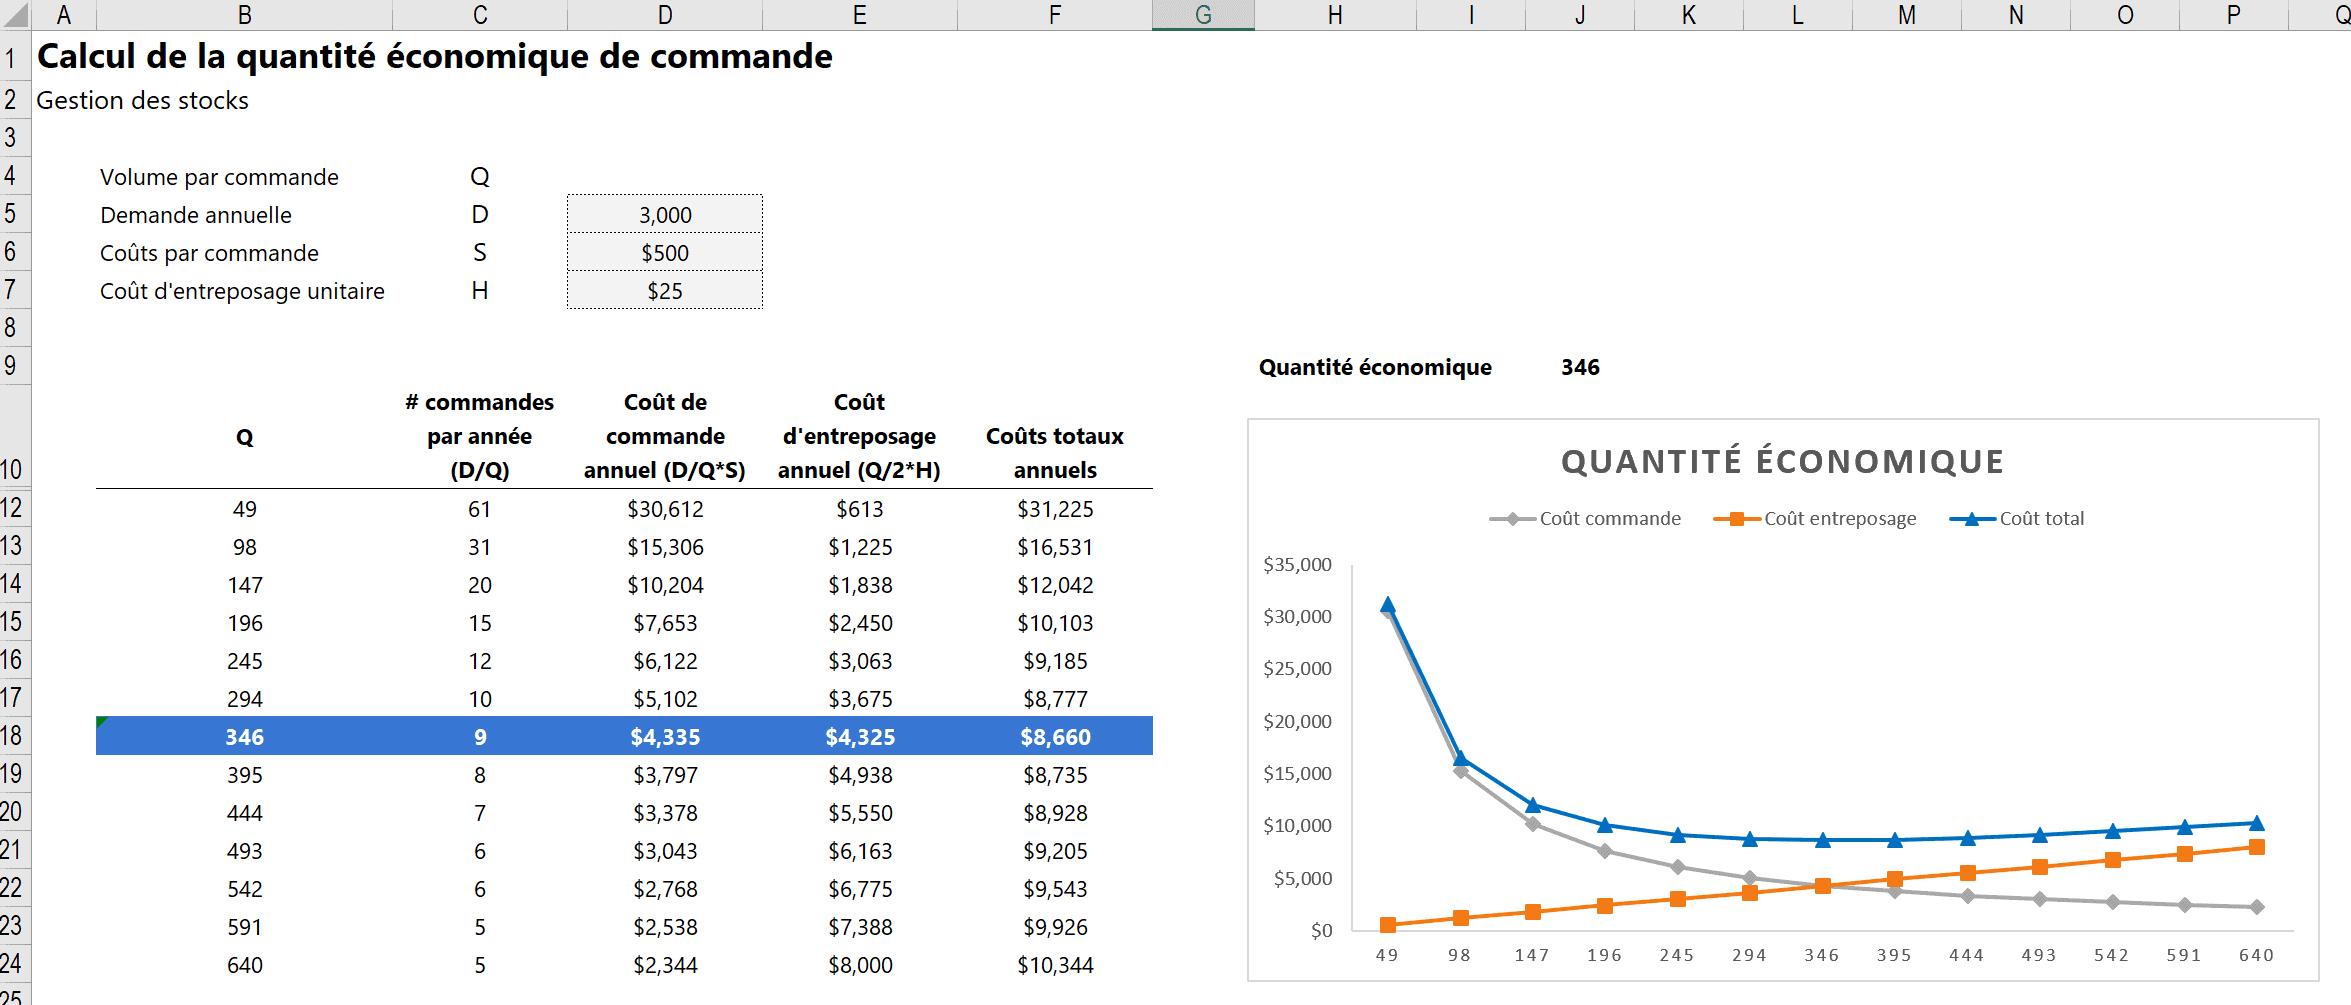 Quantité économique de commande